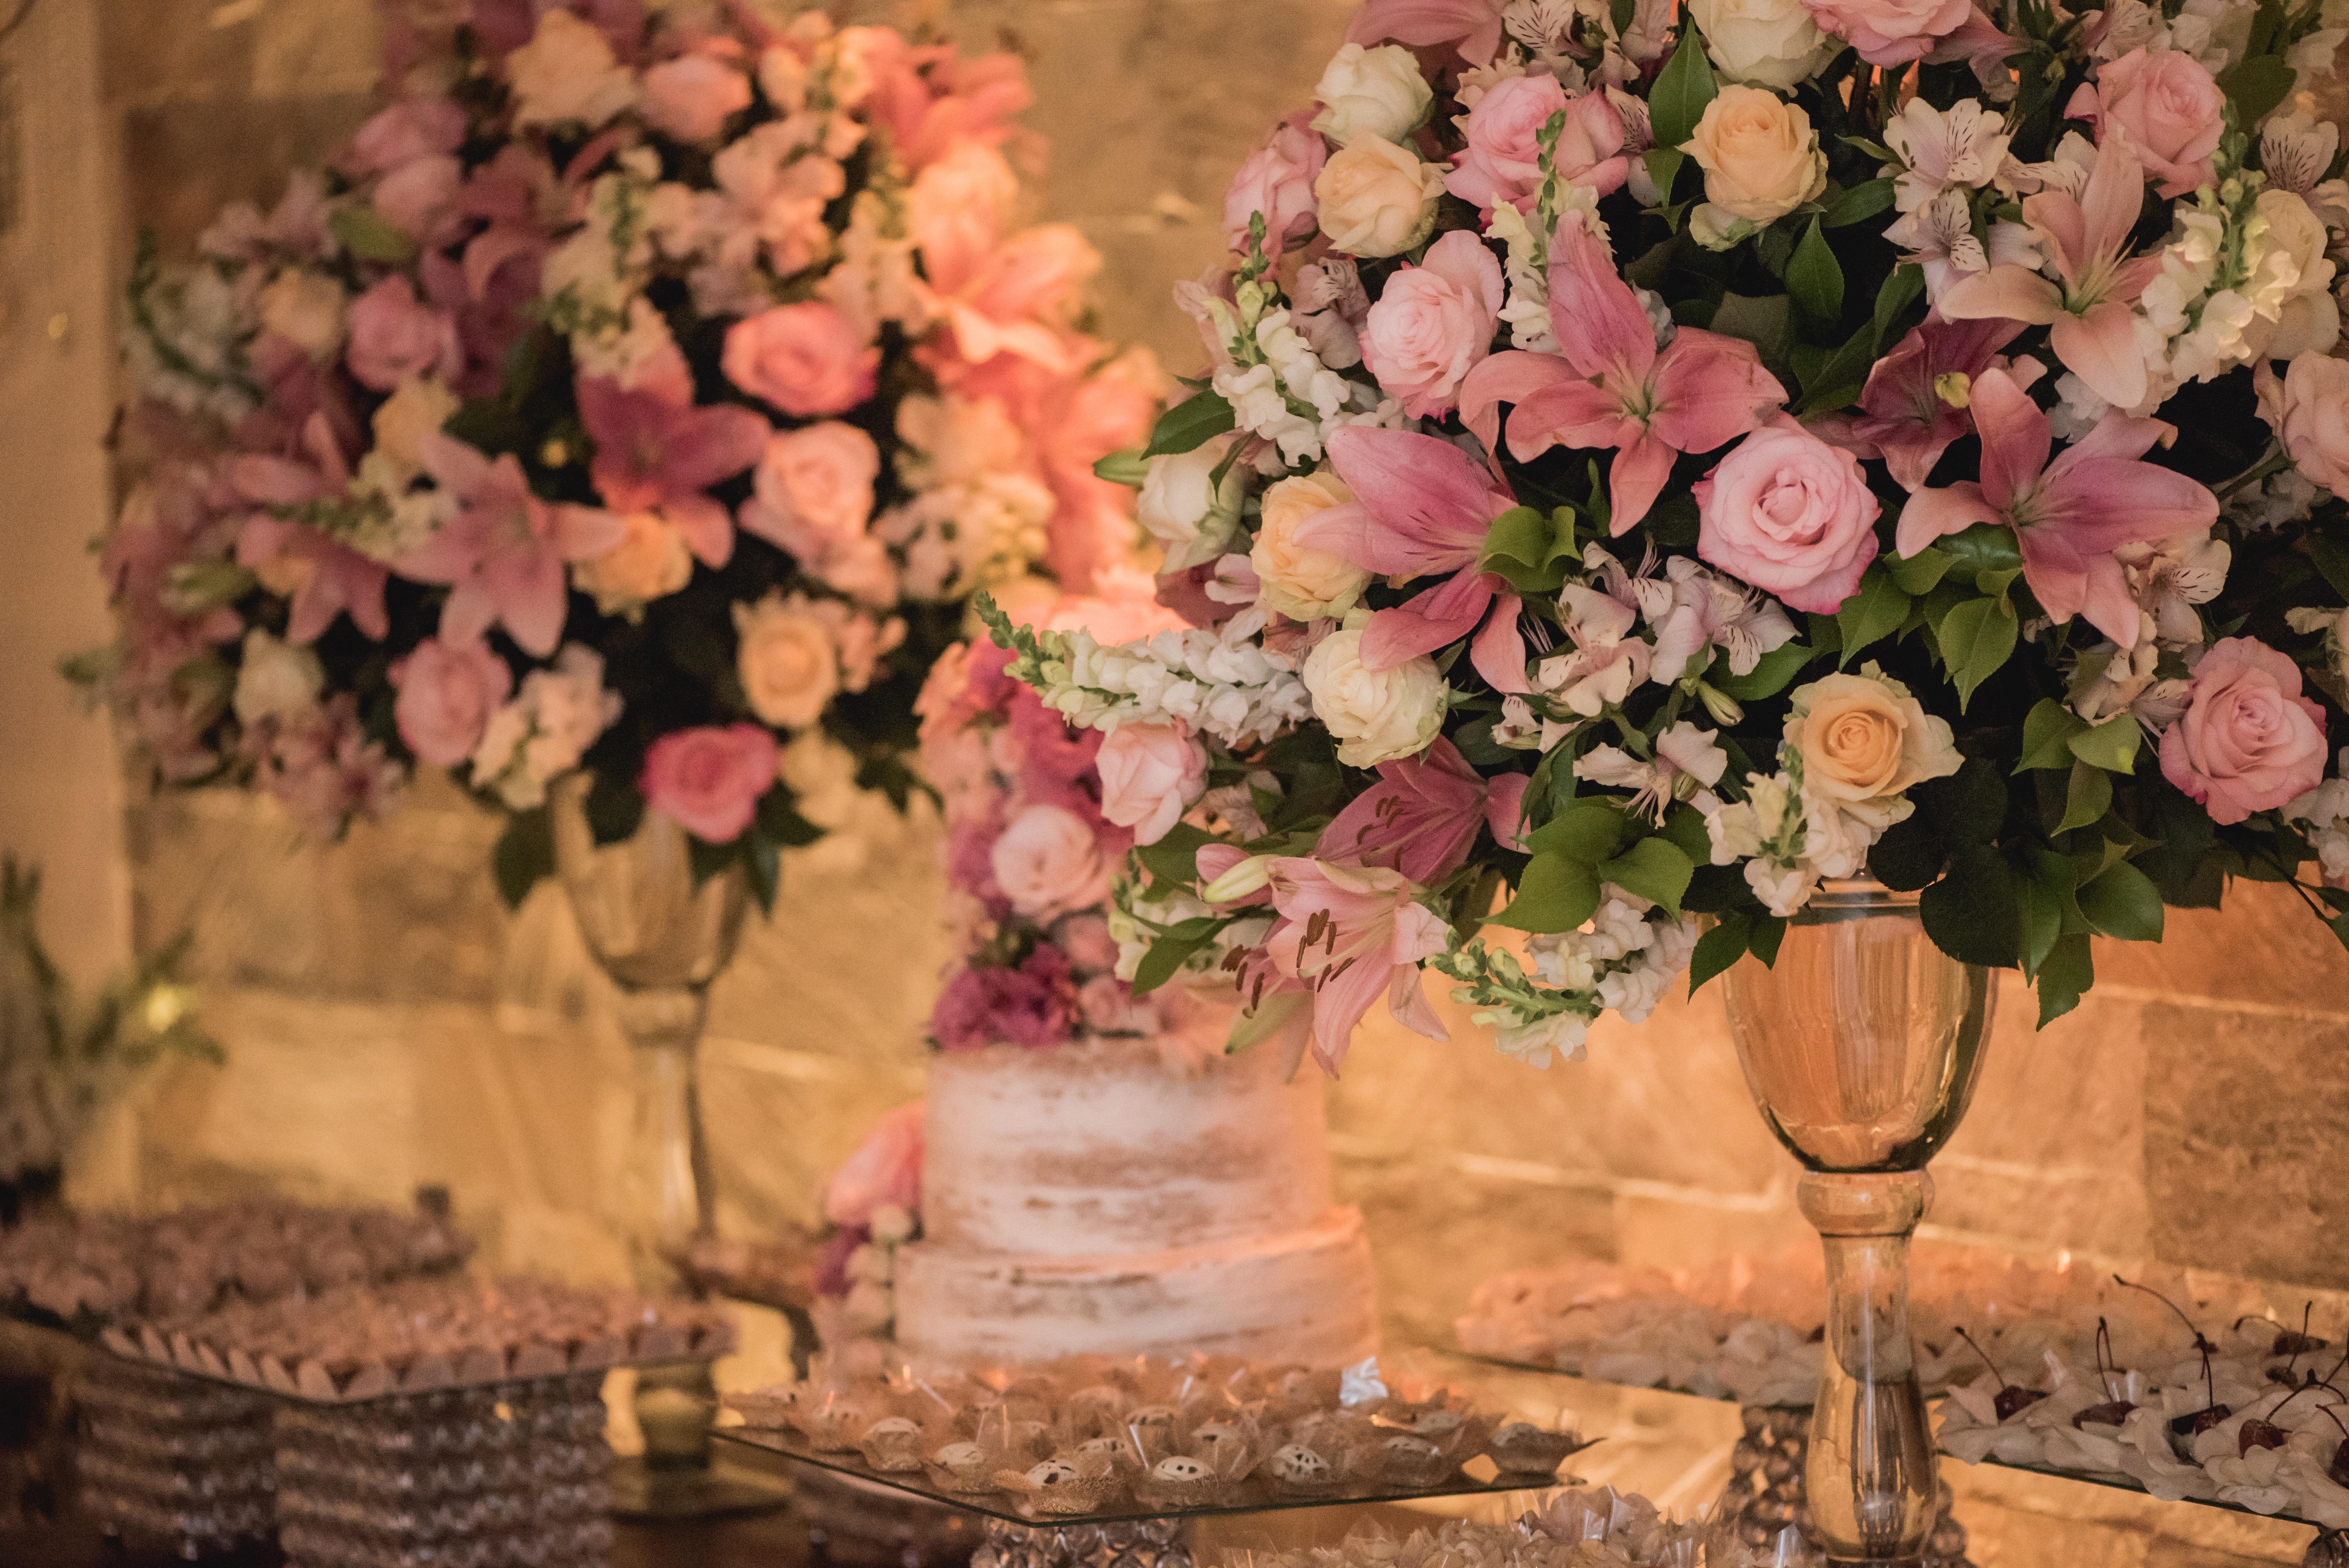 Images Gratuites Plante Fleur Decoration Gateau Fete